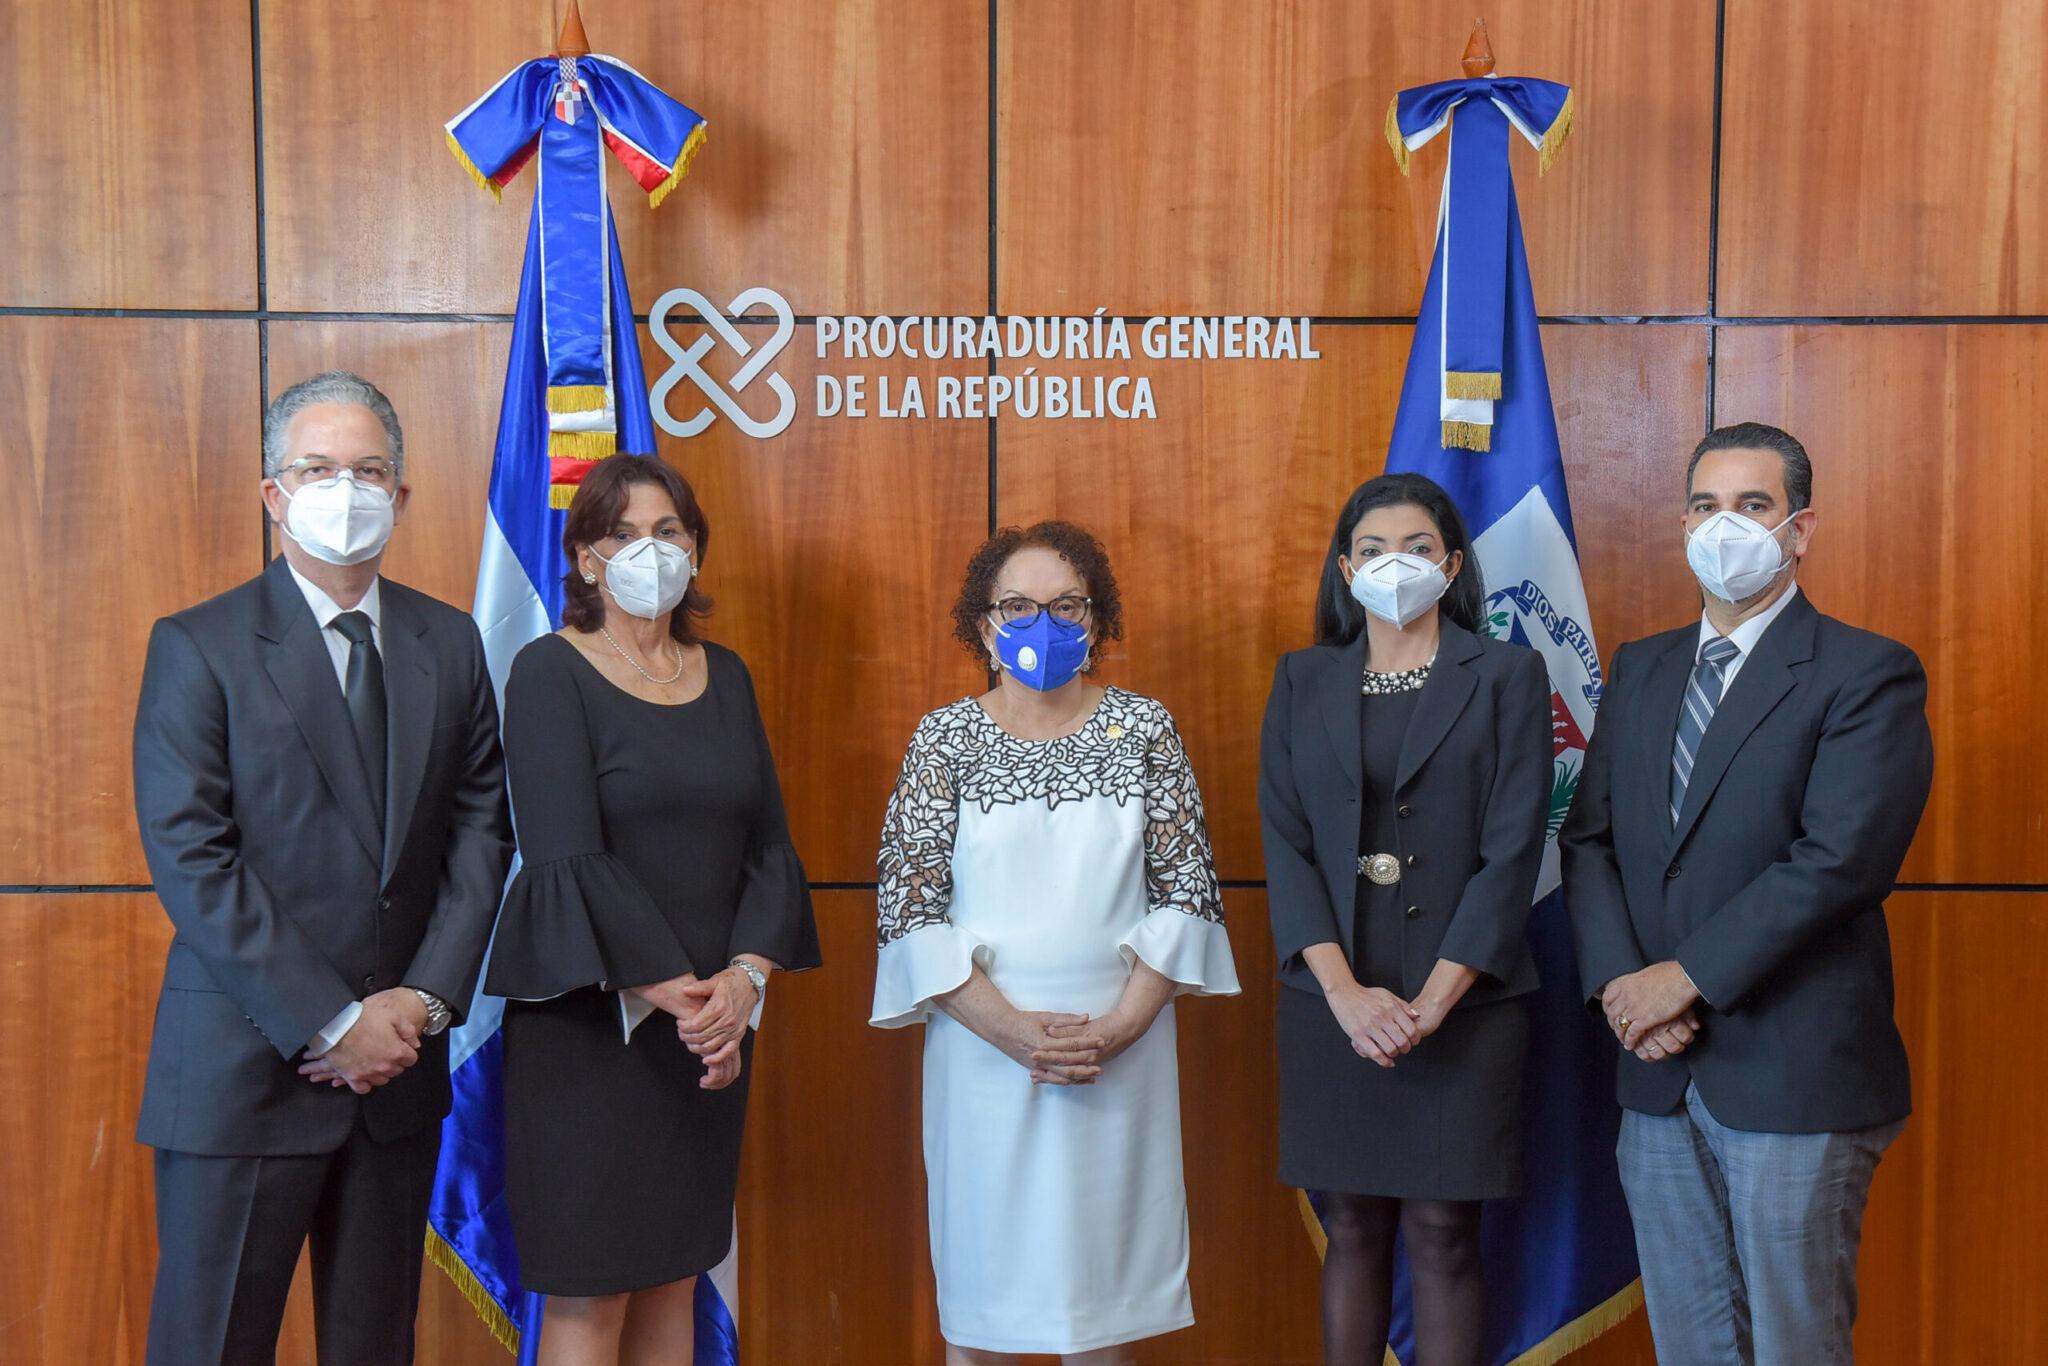 Miriam Germán Brito hará una gestión que reconecte a la Procuraduría General y a todo el Ministerio Público con el ciudadano